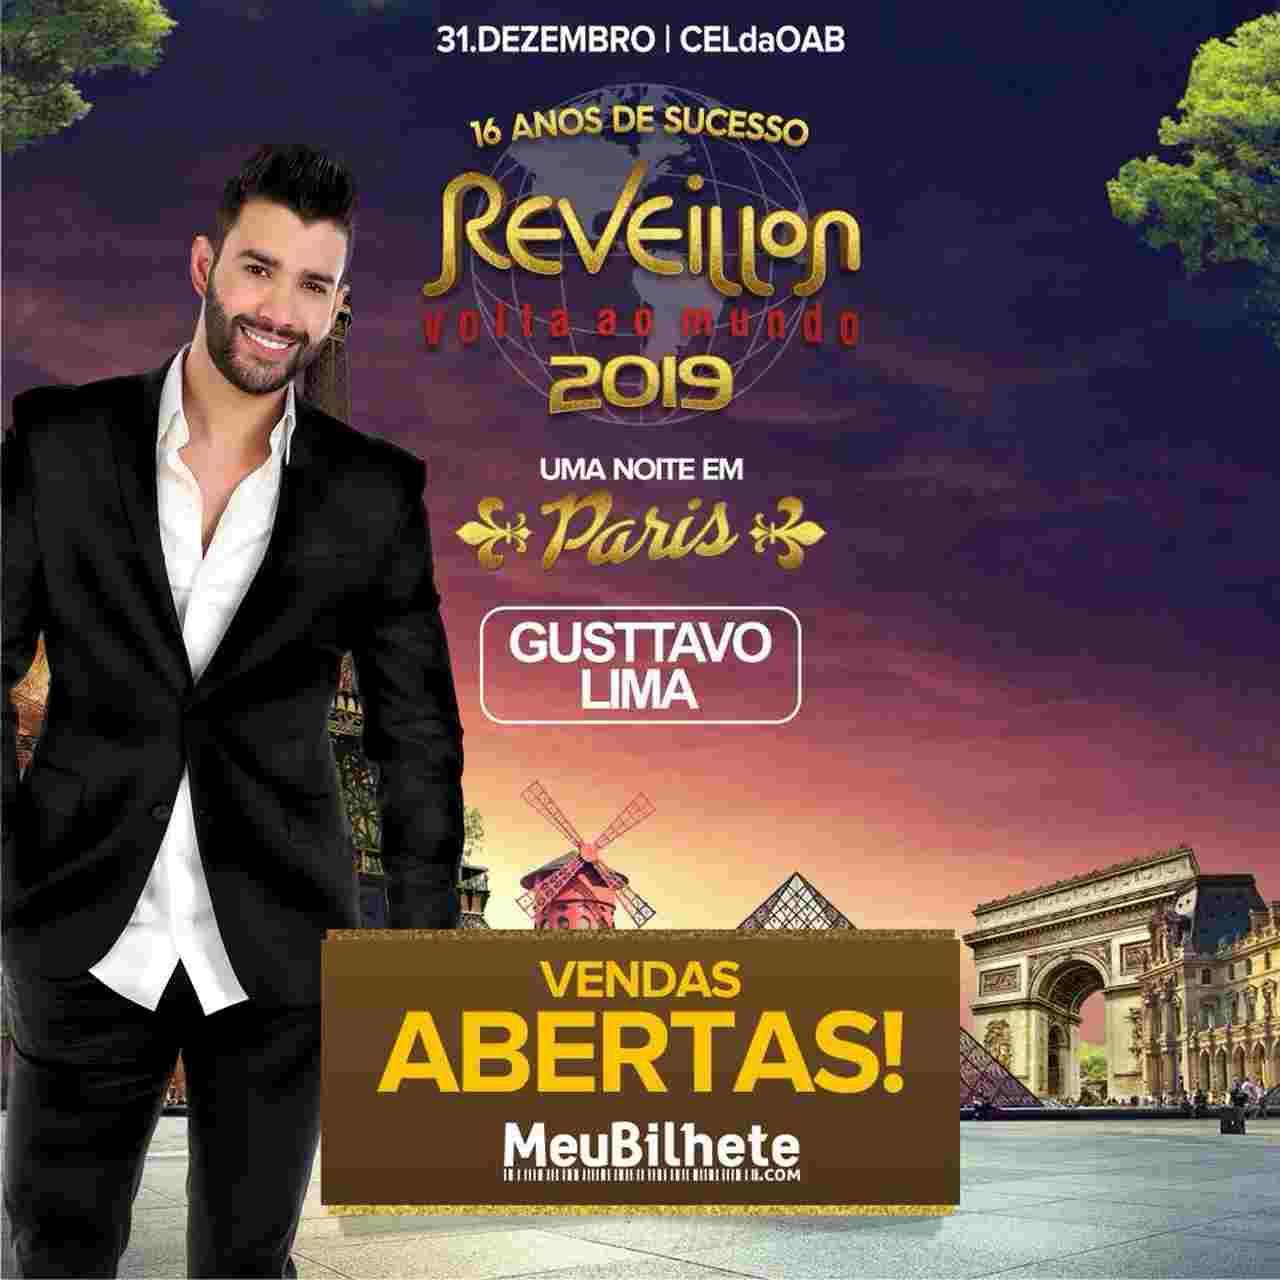 Réveillon 2019 em Goiânia: Réveillon Volta ao Mundo 2019 terá Gusttavo Lima | Foto: Divulgação